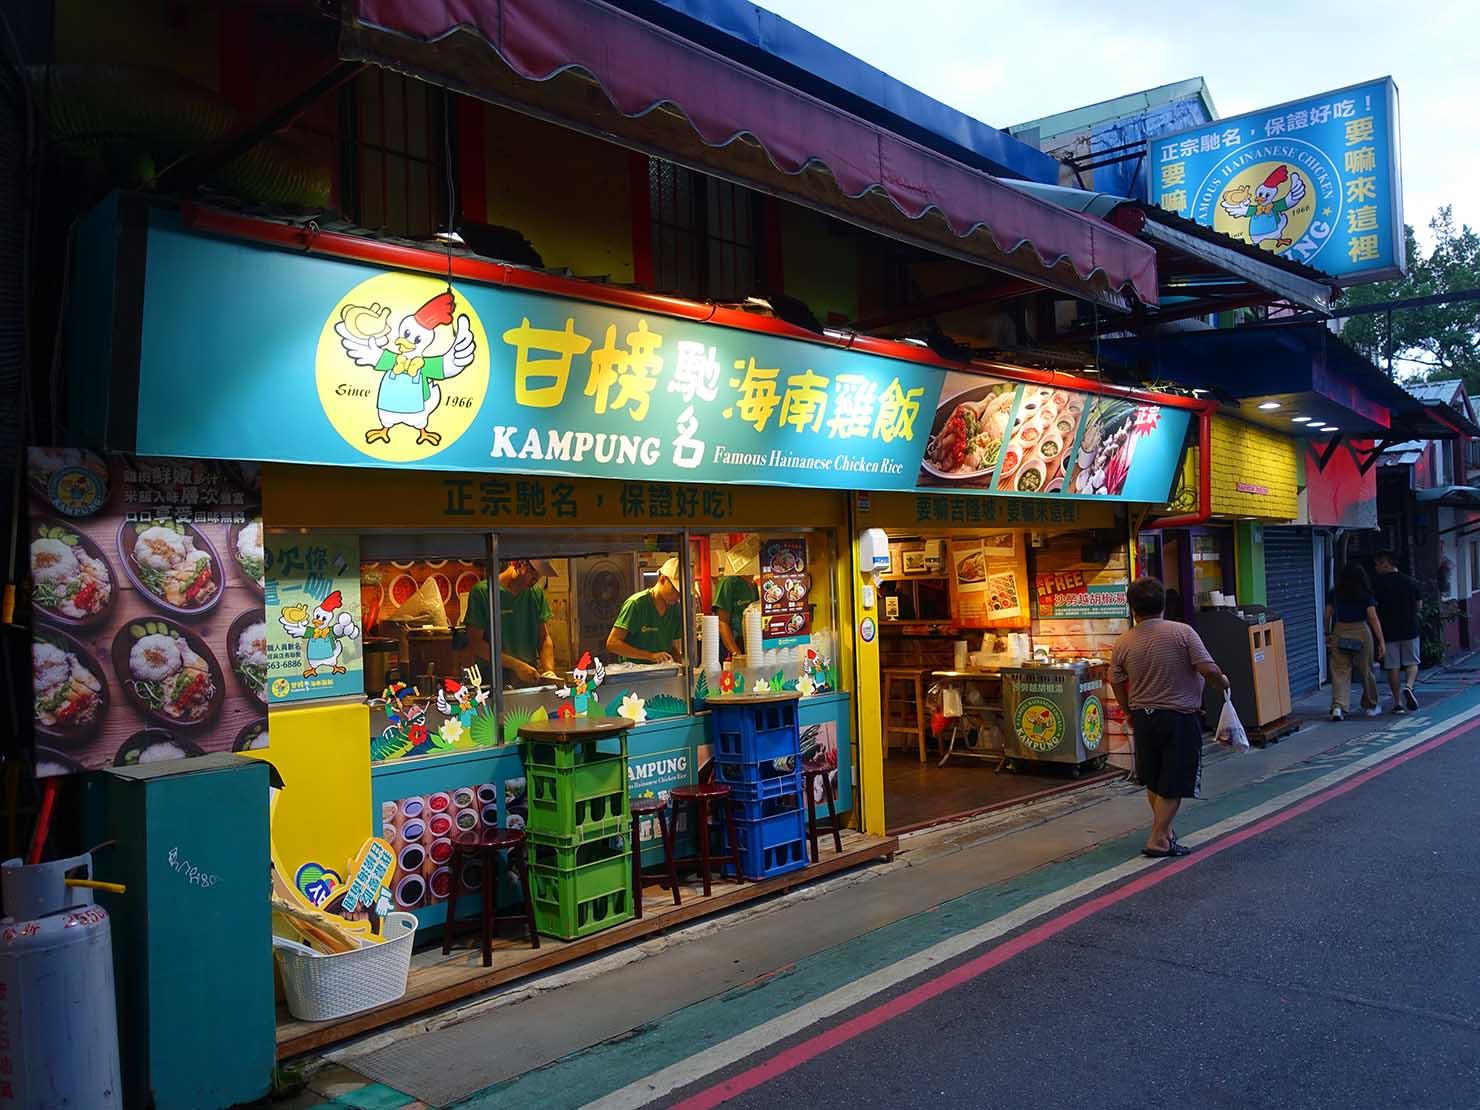 台北・中山駅周辺のおすすめグルメ店「甘榜馳名海南鶏飯」の外観